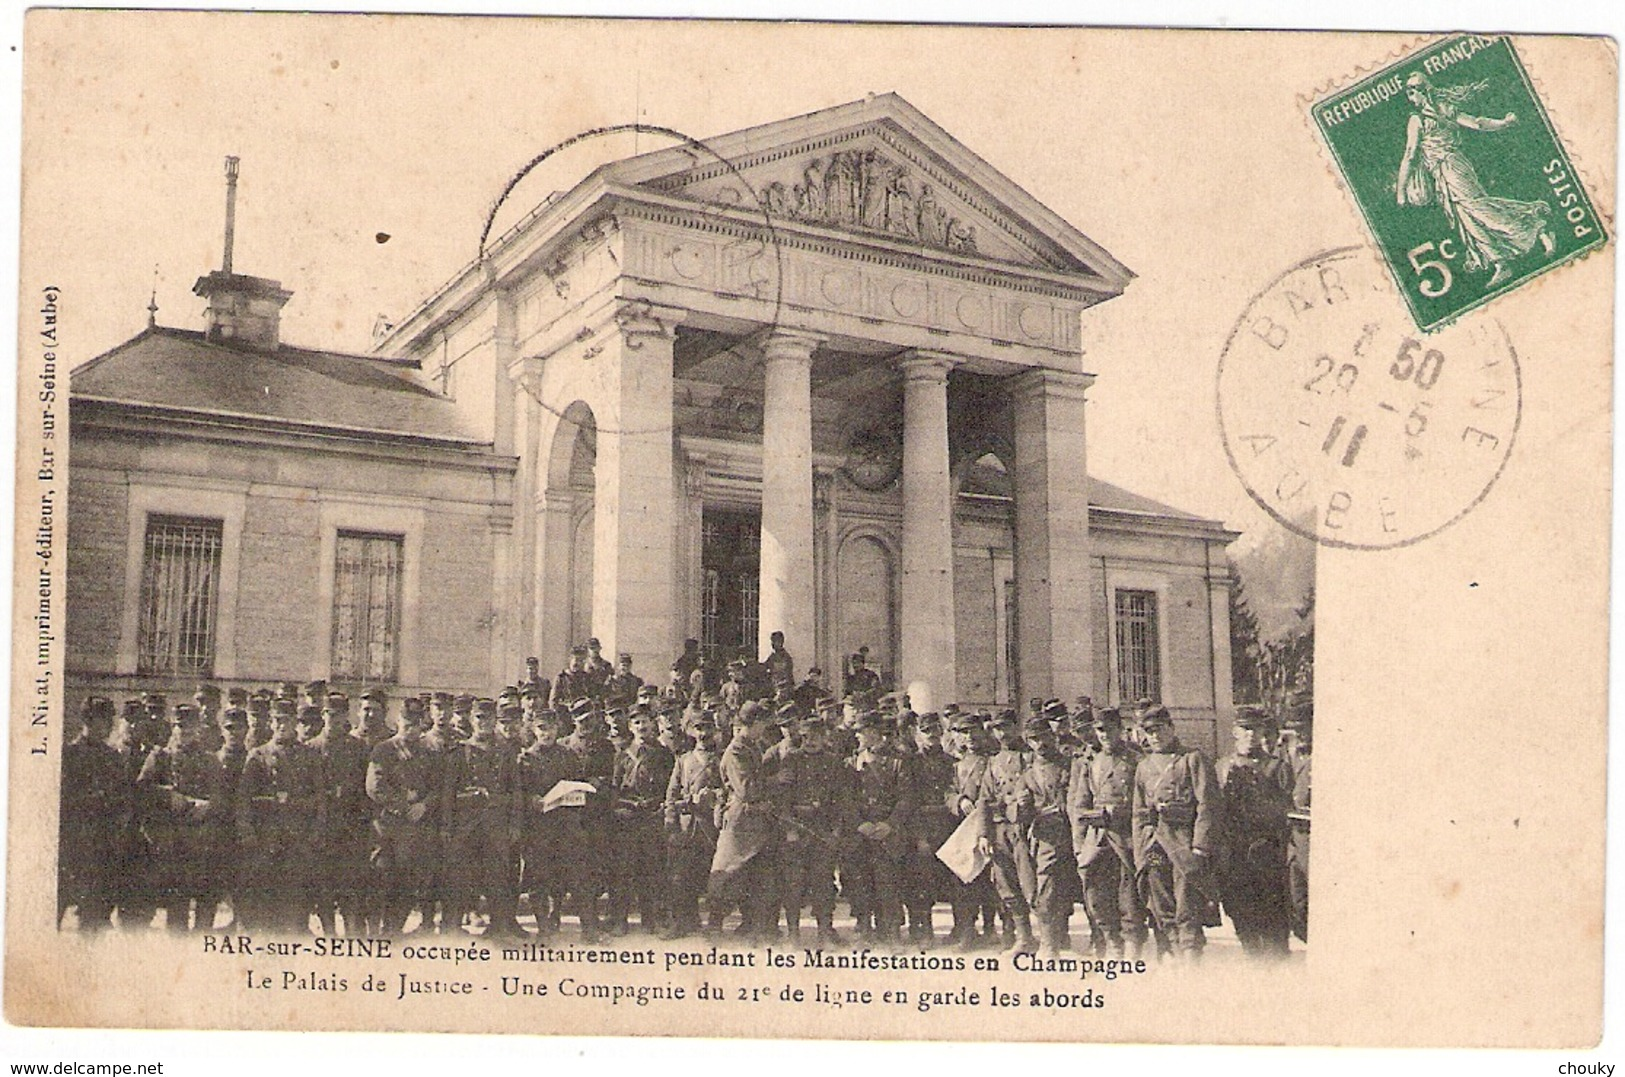 Bar-sur-Seine (1911) - Bar-sur-Seine